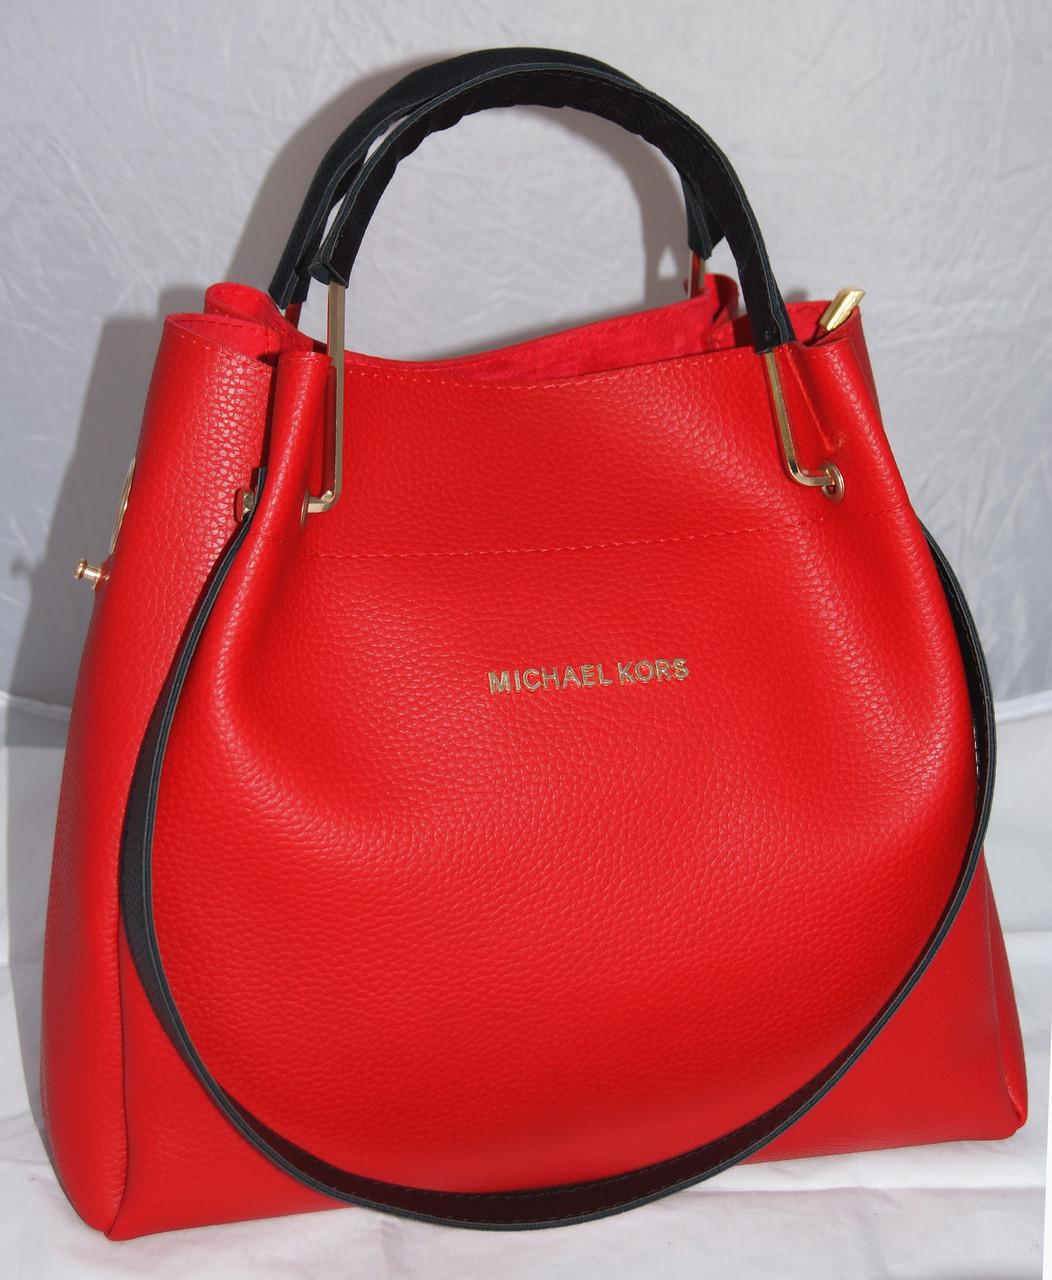 c3548331d926 Красная женская сумка-шоппер Michael Kors (Майкл Корс) с отстёгивающимся  кошельком и черными